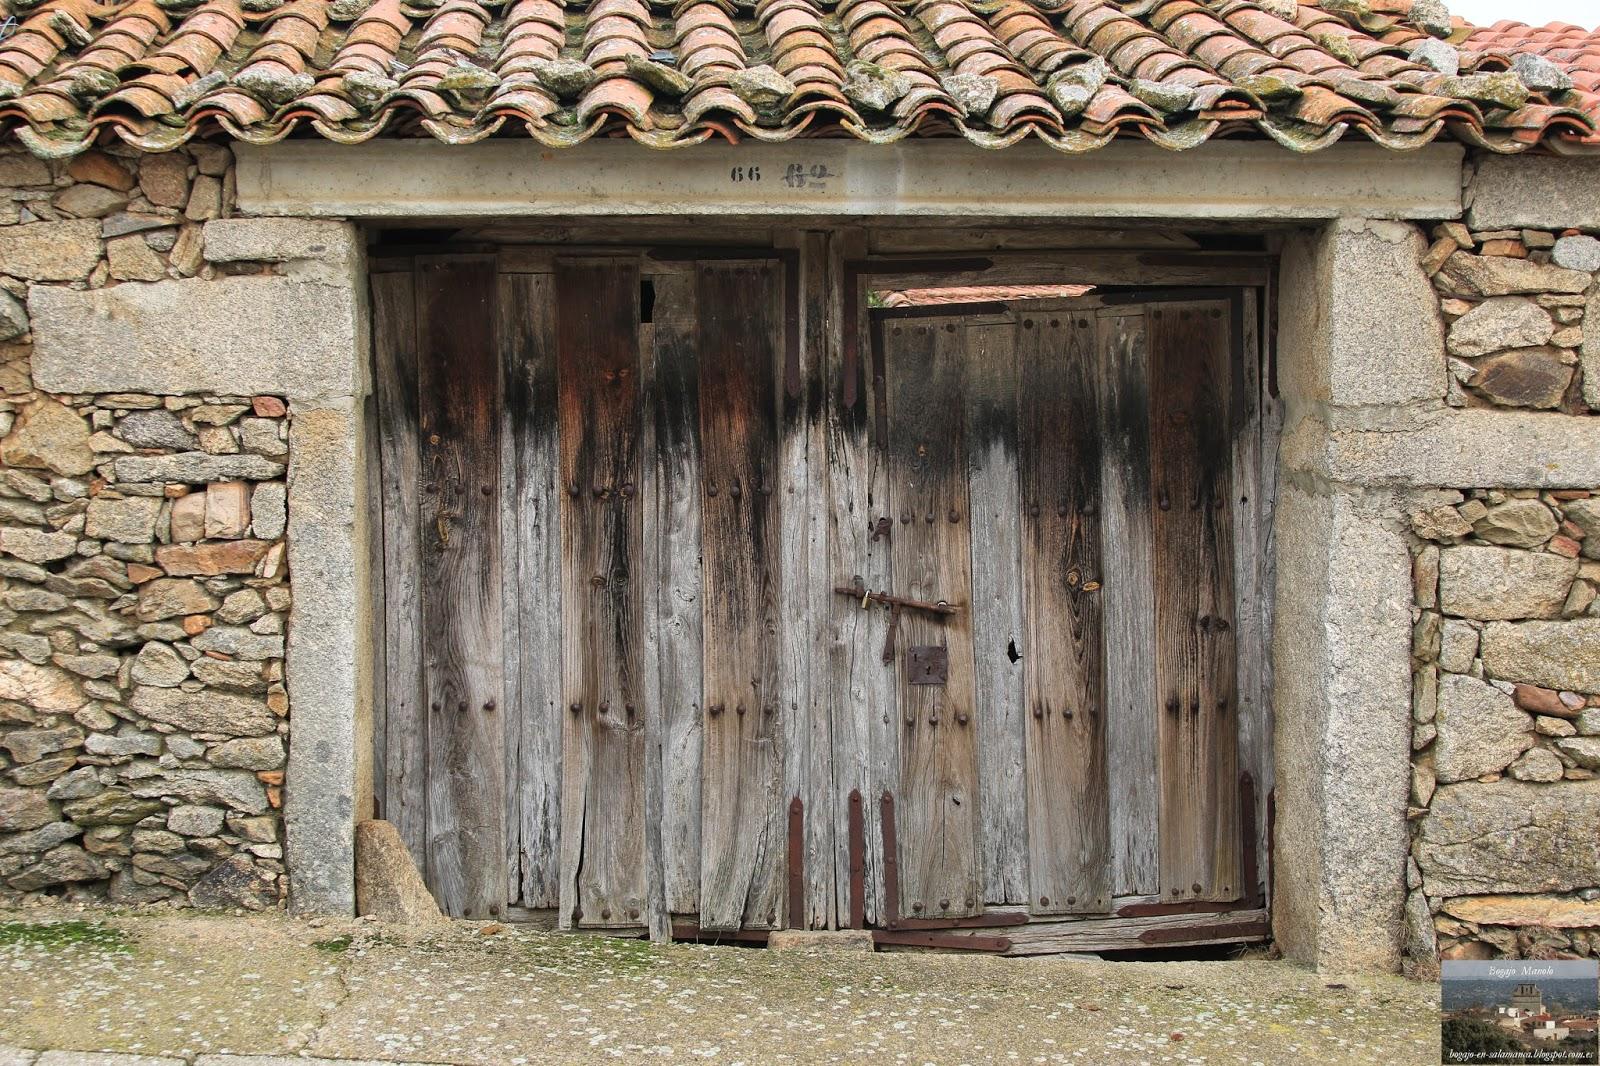 Bogajo salamanca puertas antiguas de doble hoja de madera for Fotos de puertas de madera antiguas